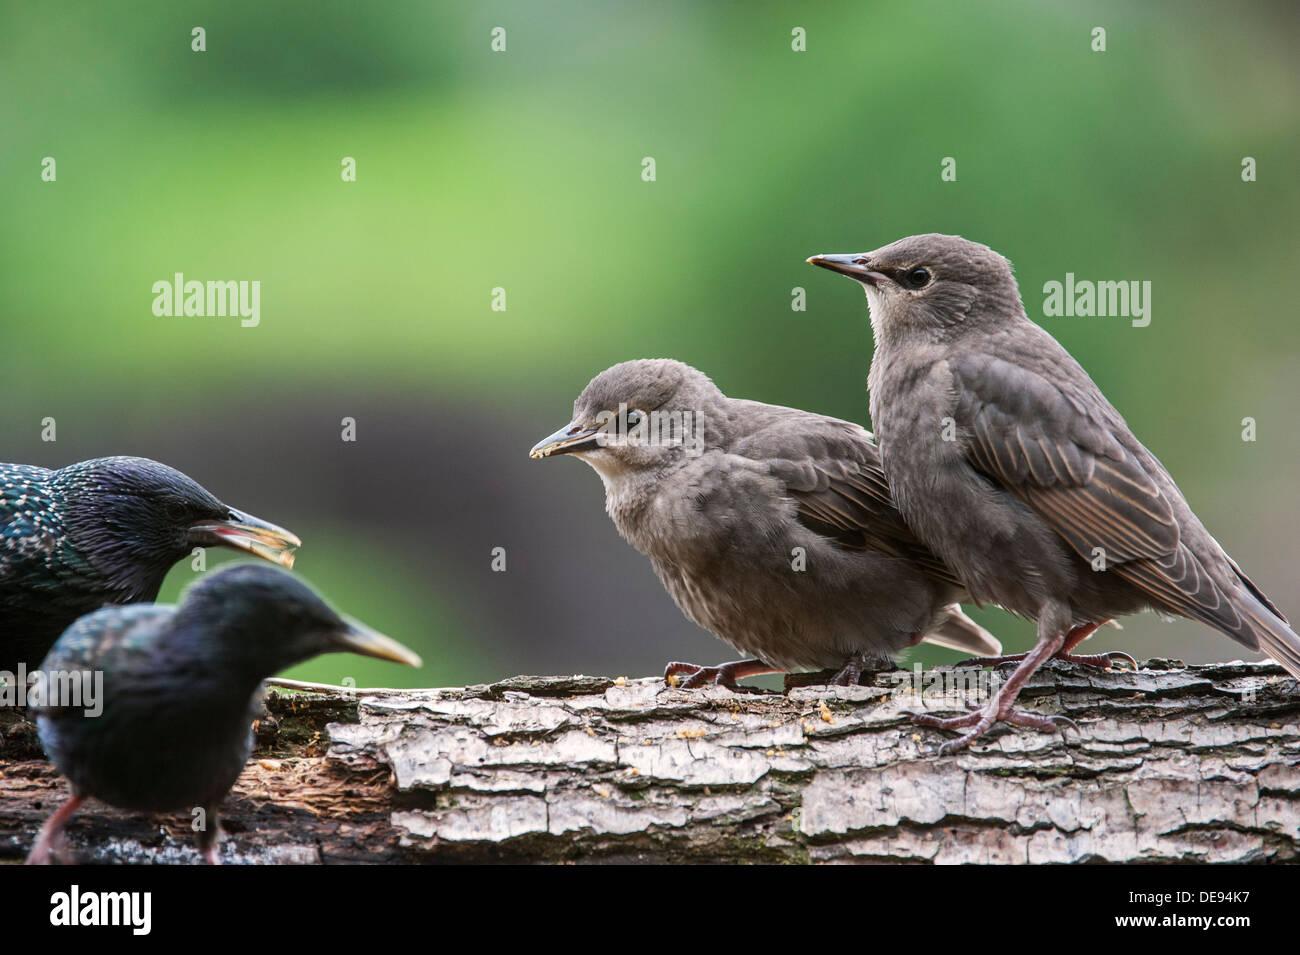 Due comuni Starling / storni europei (Sturnus vulgaris) uccellini accattonaggio uccelli adulti per il cibo in primavera Immagini Stock